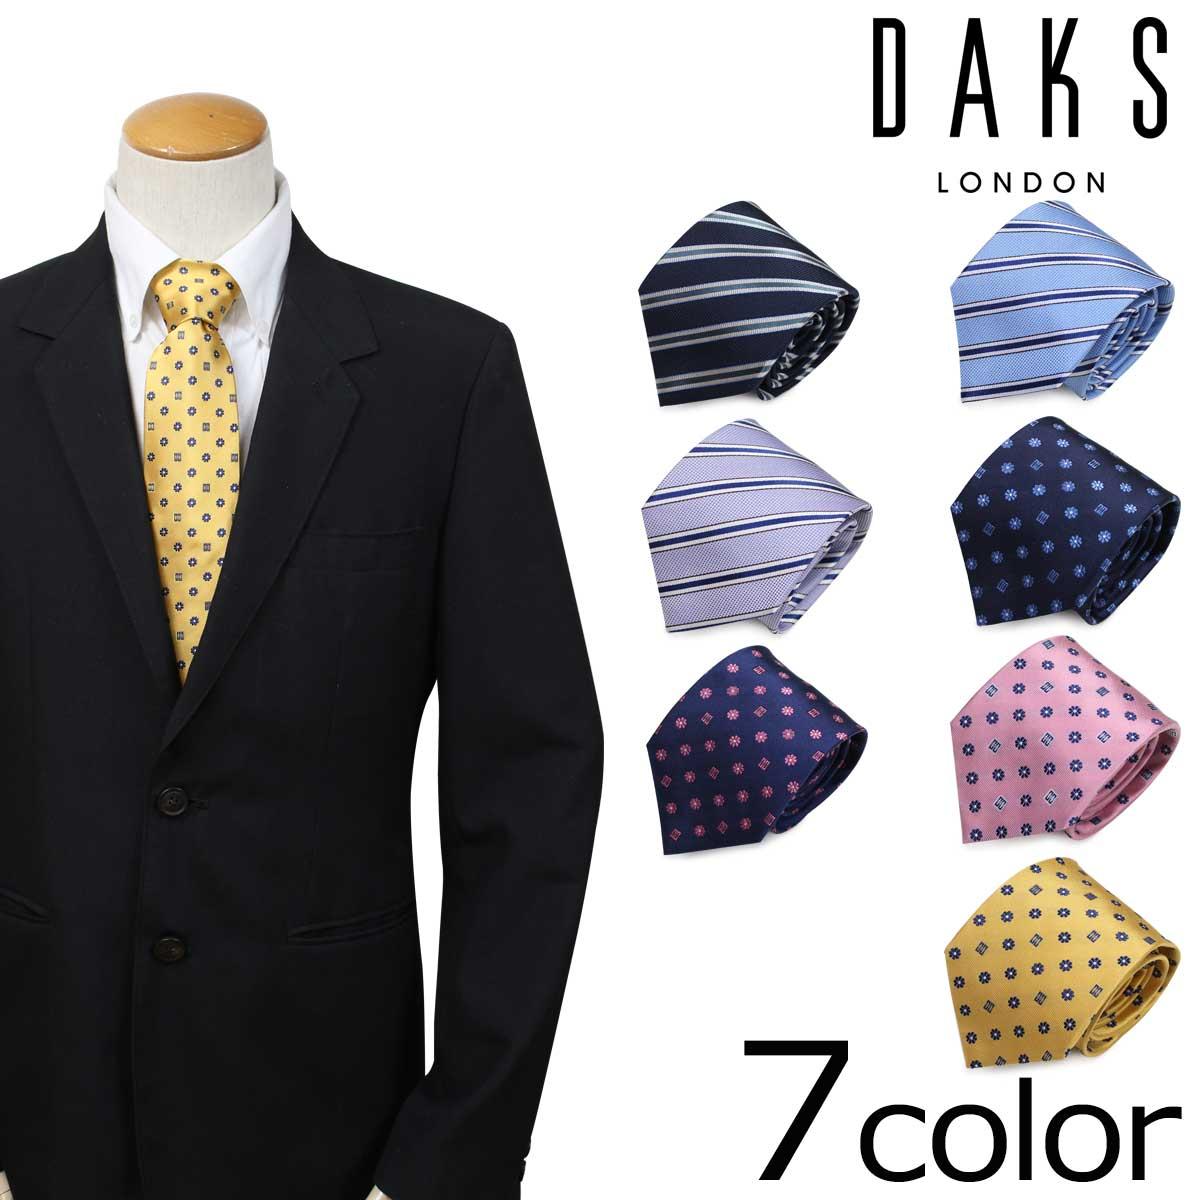 ダックス DAKS ネクタイ イタリア製 シルク ビジネス 結婚式 メンズ [12/21 追加入荷]